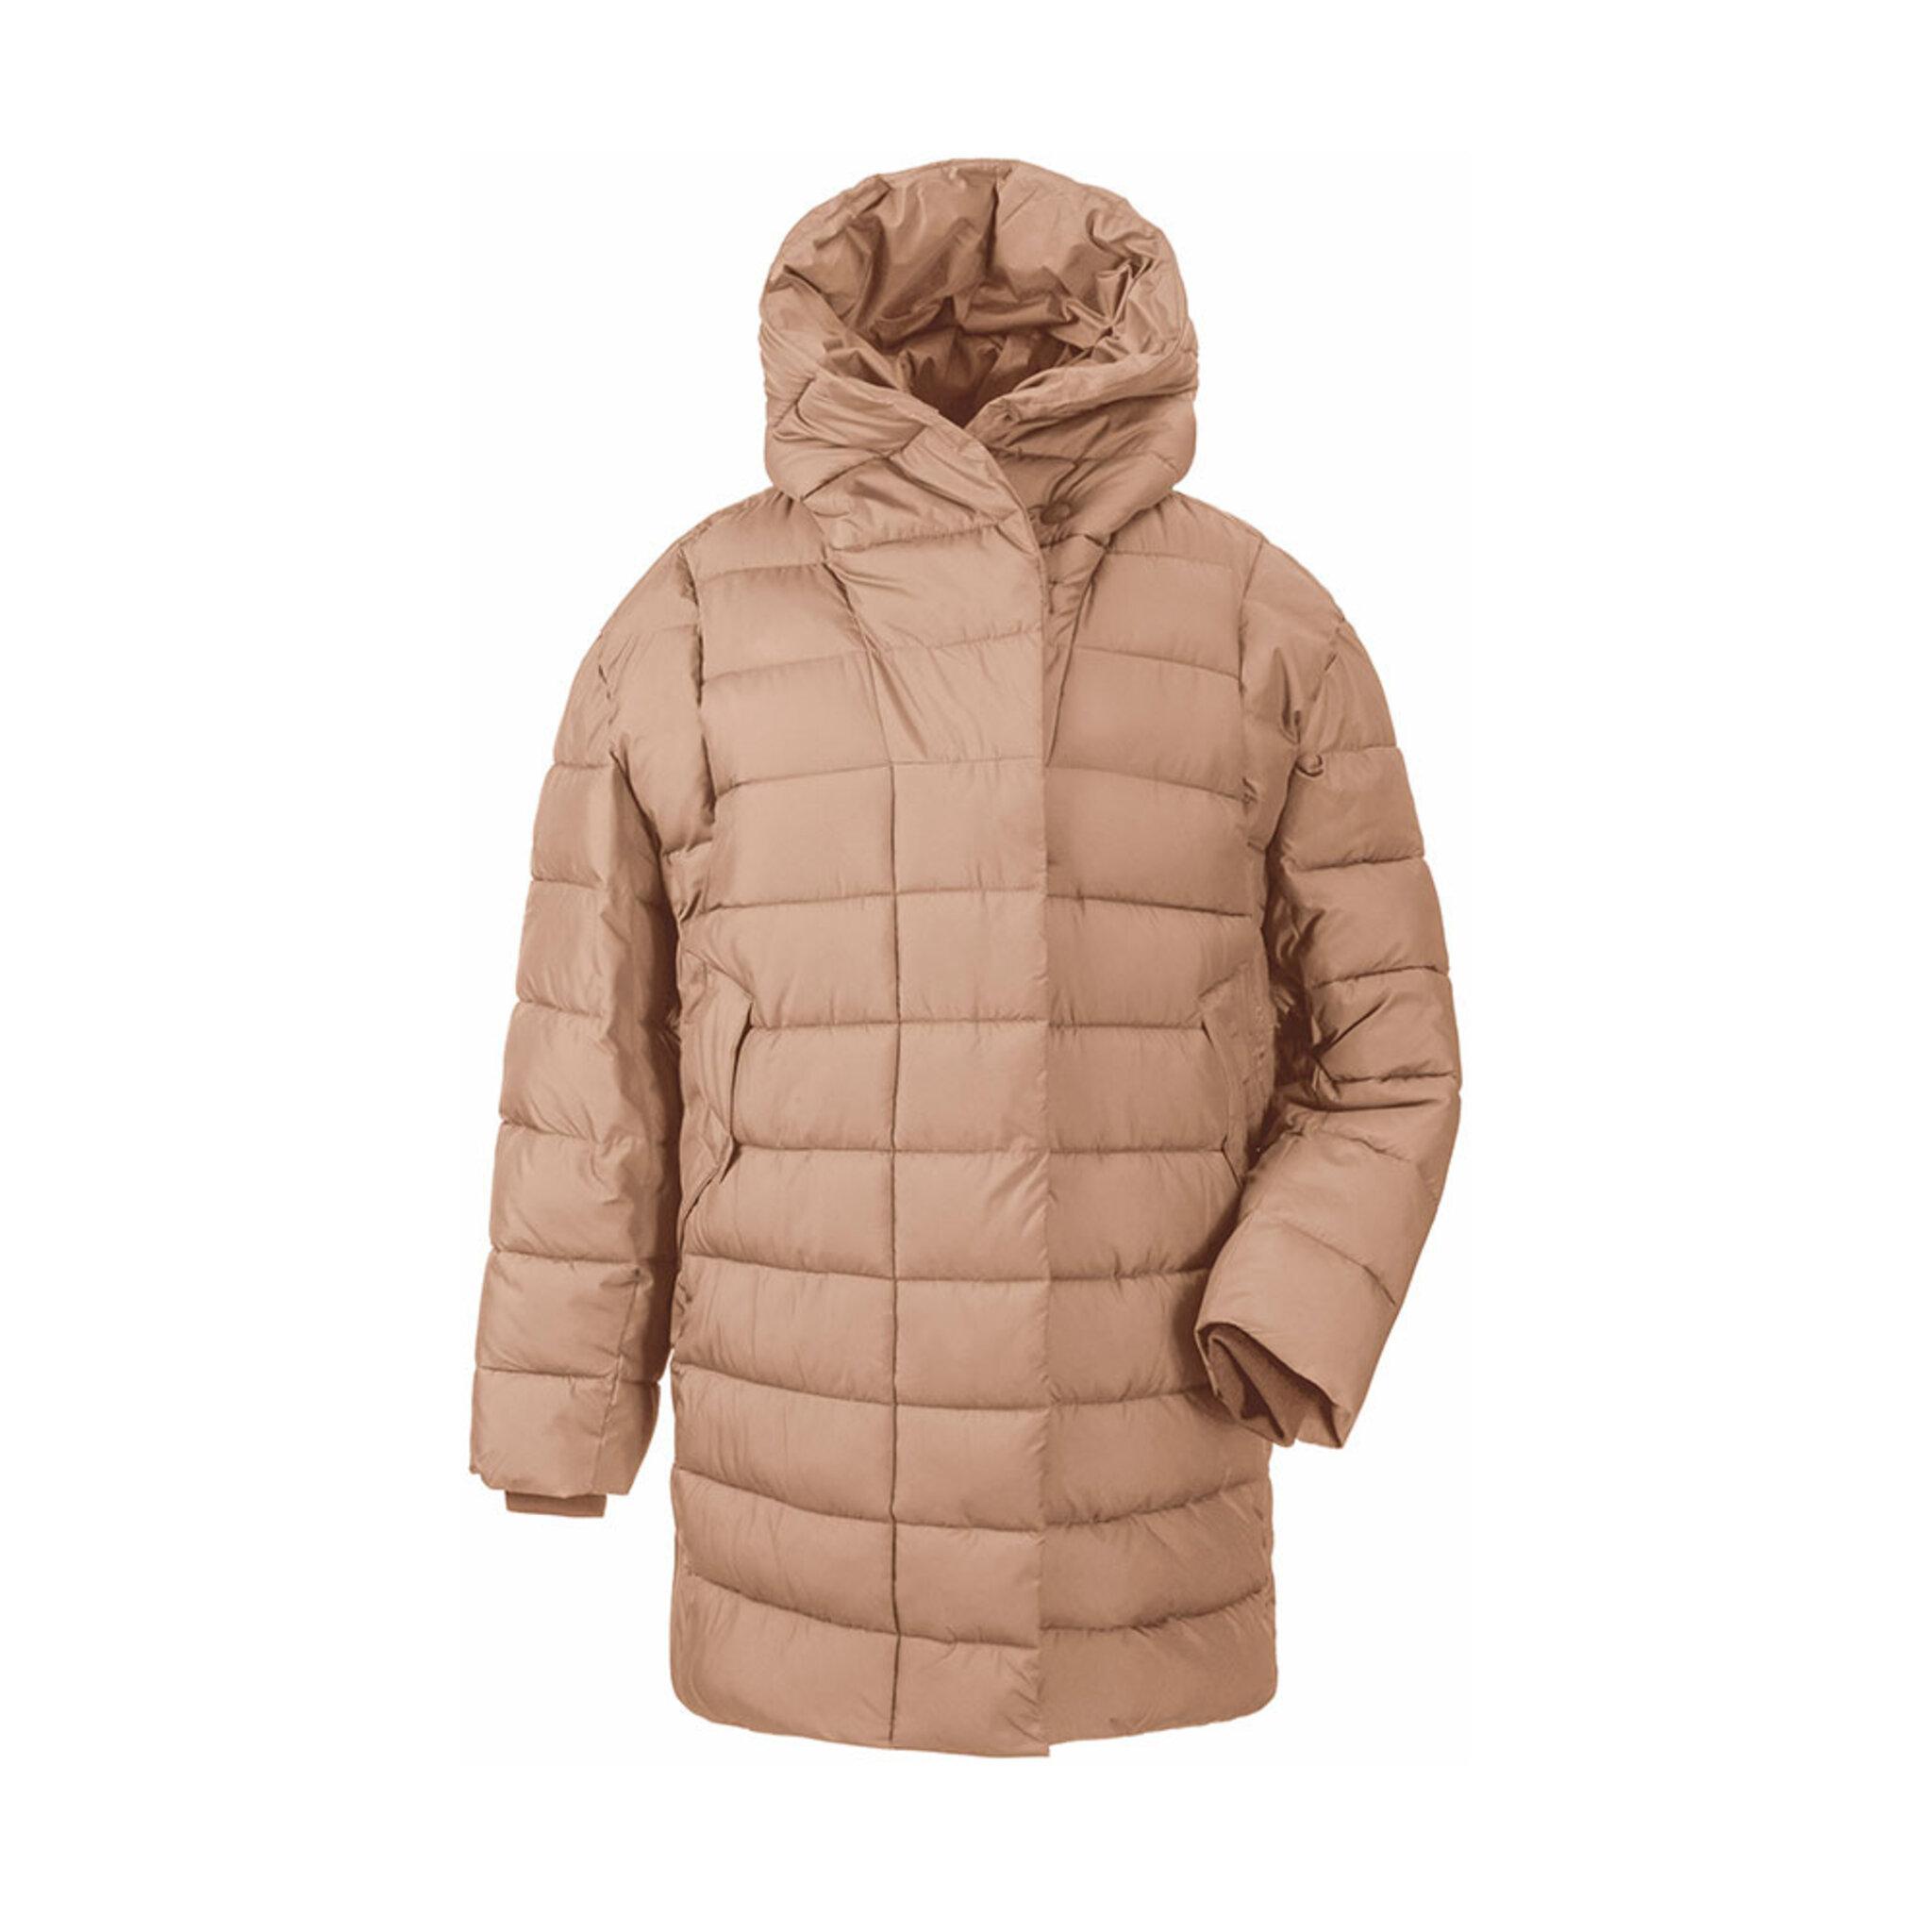 Carin Womens Jacket